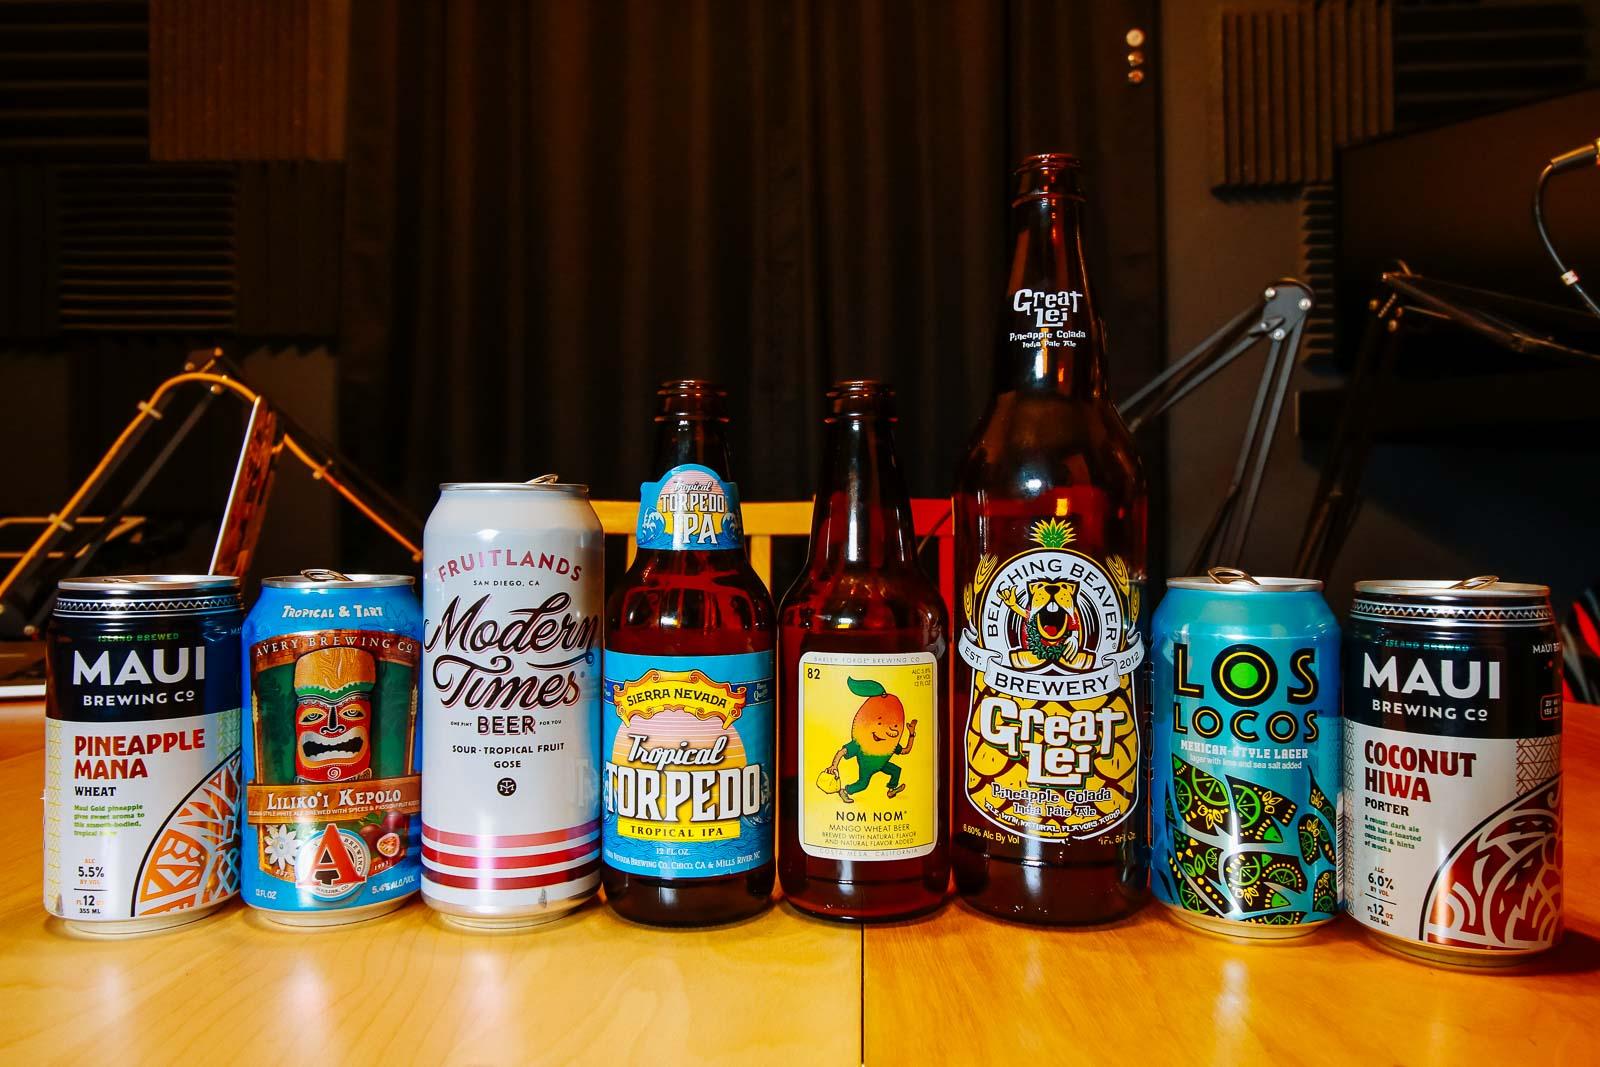 Tropical Beers